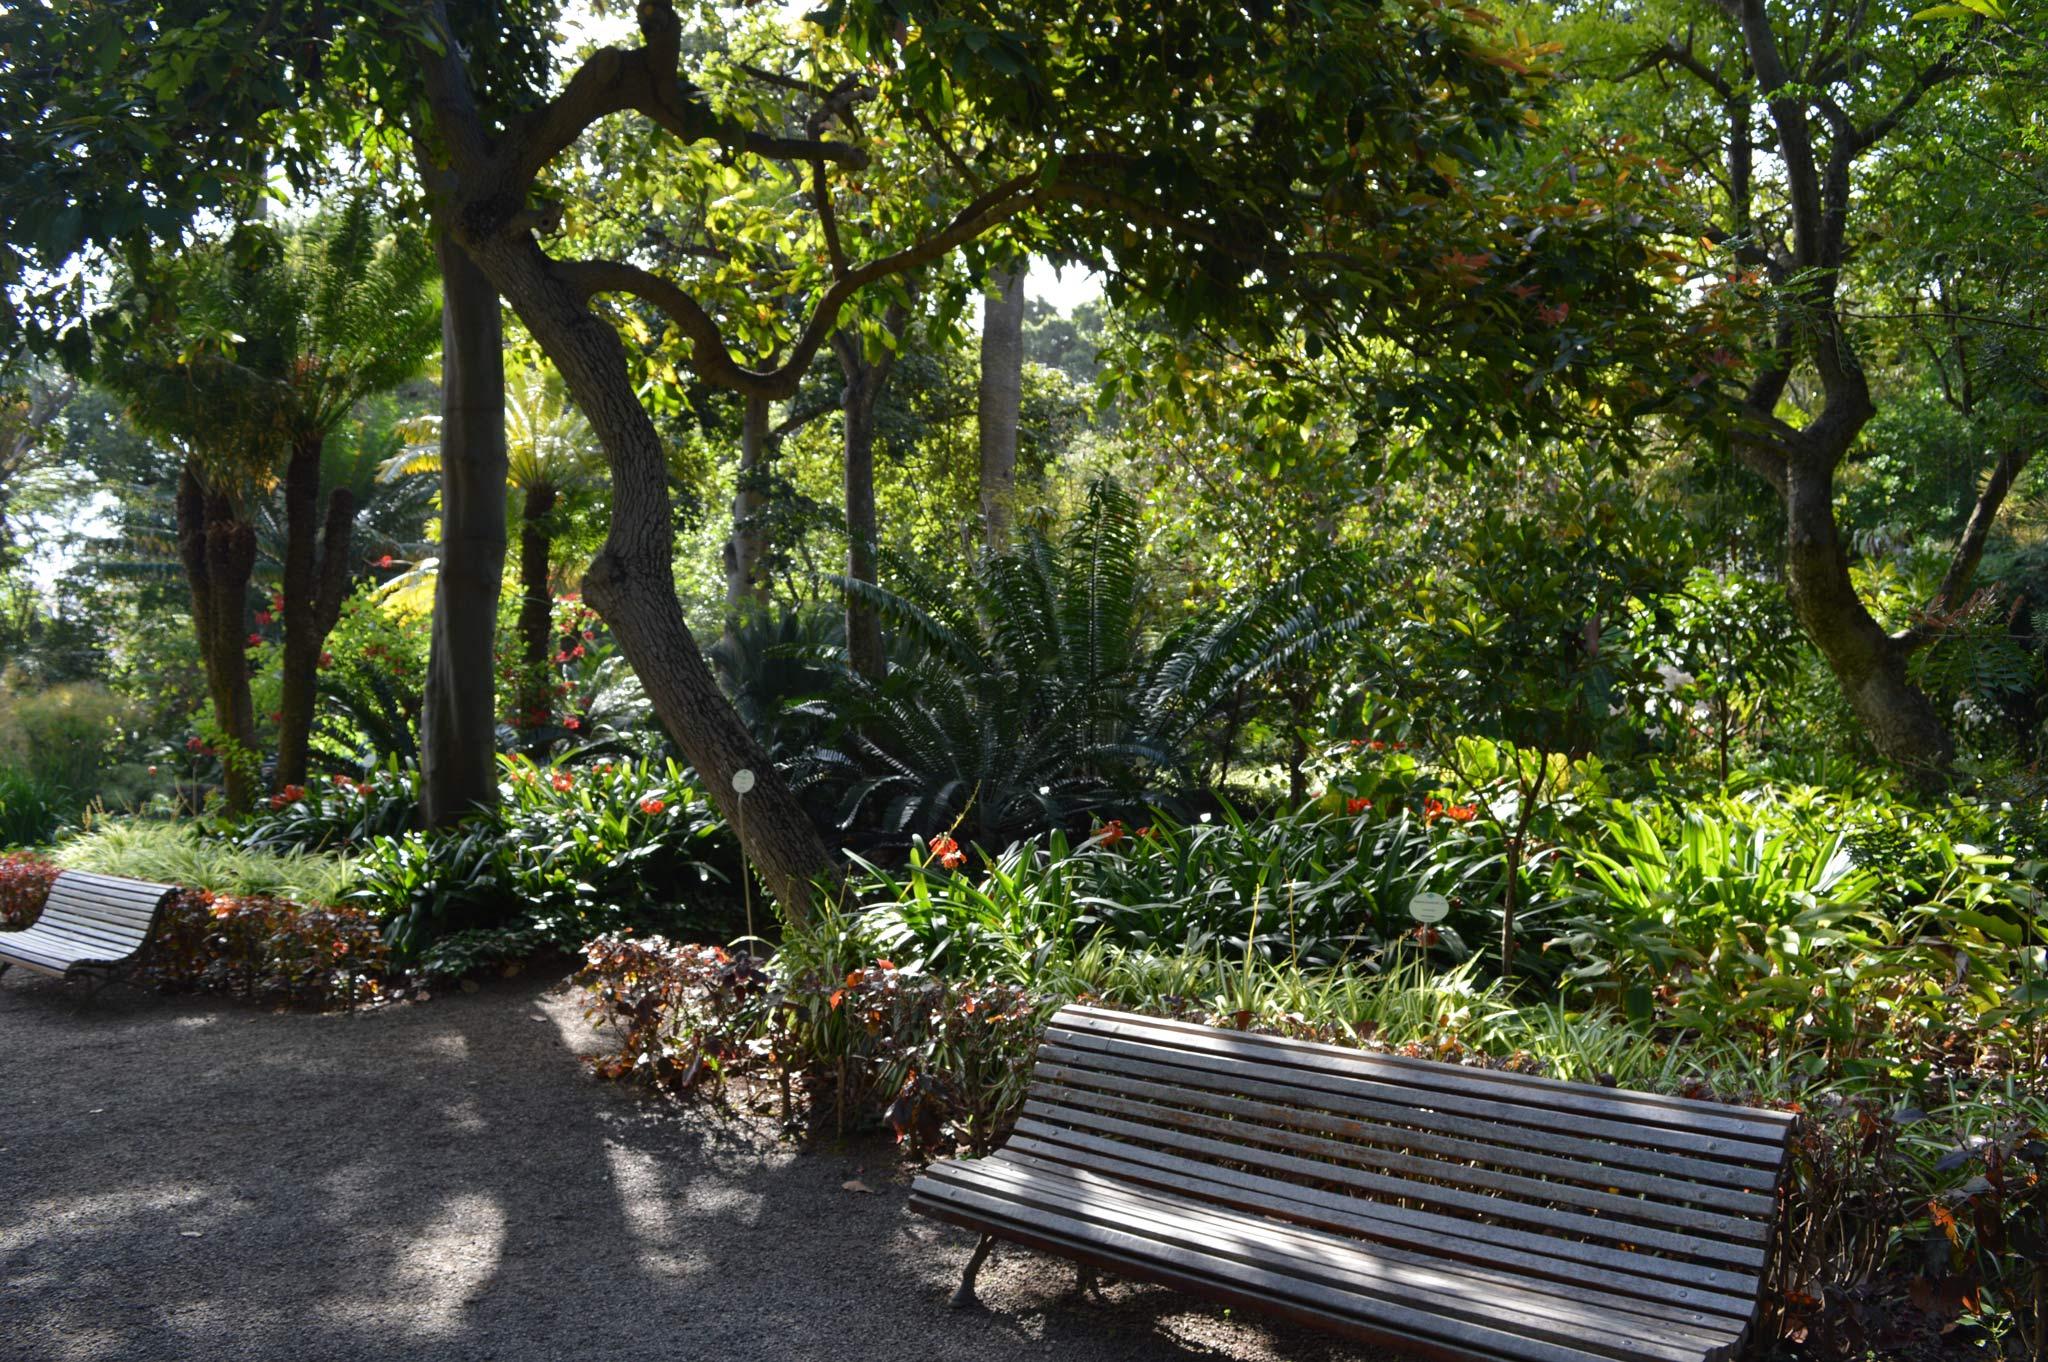 Der Botanische Garten in Puerto de la Cruz © S. Pries